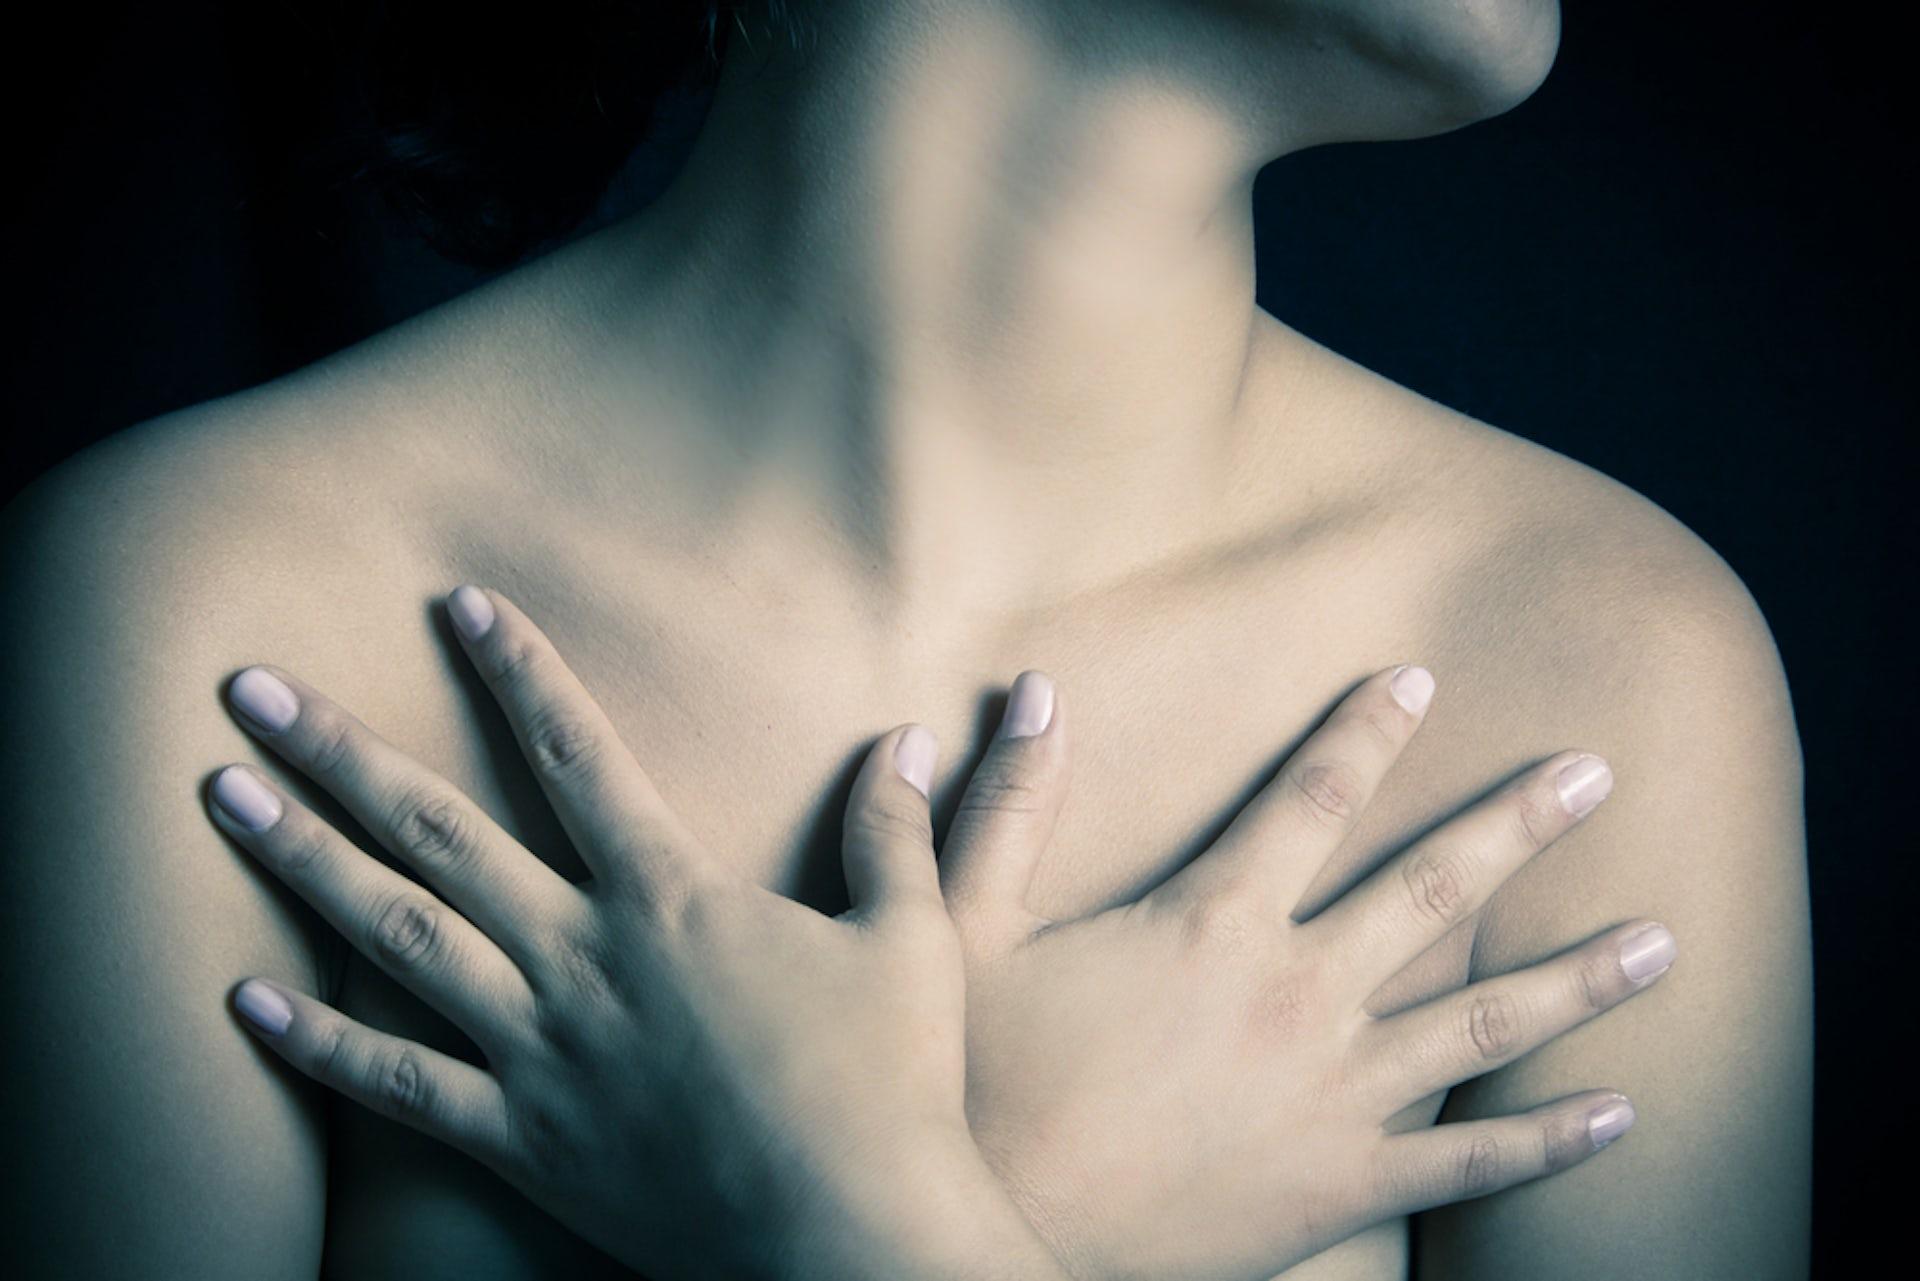 Original breast images